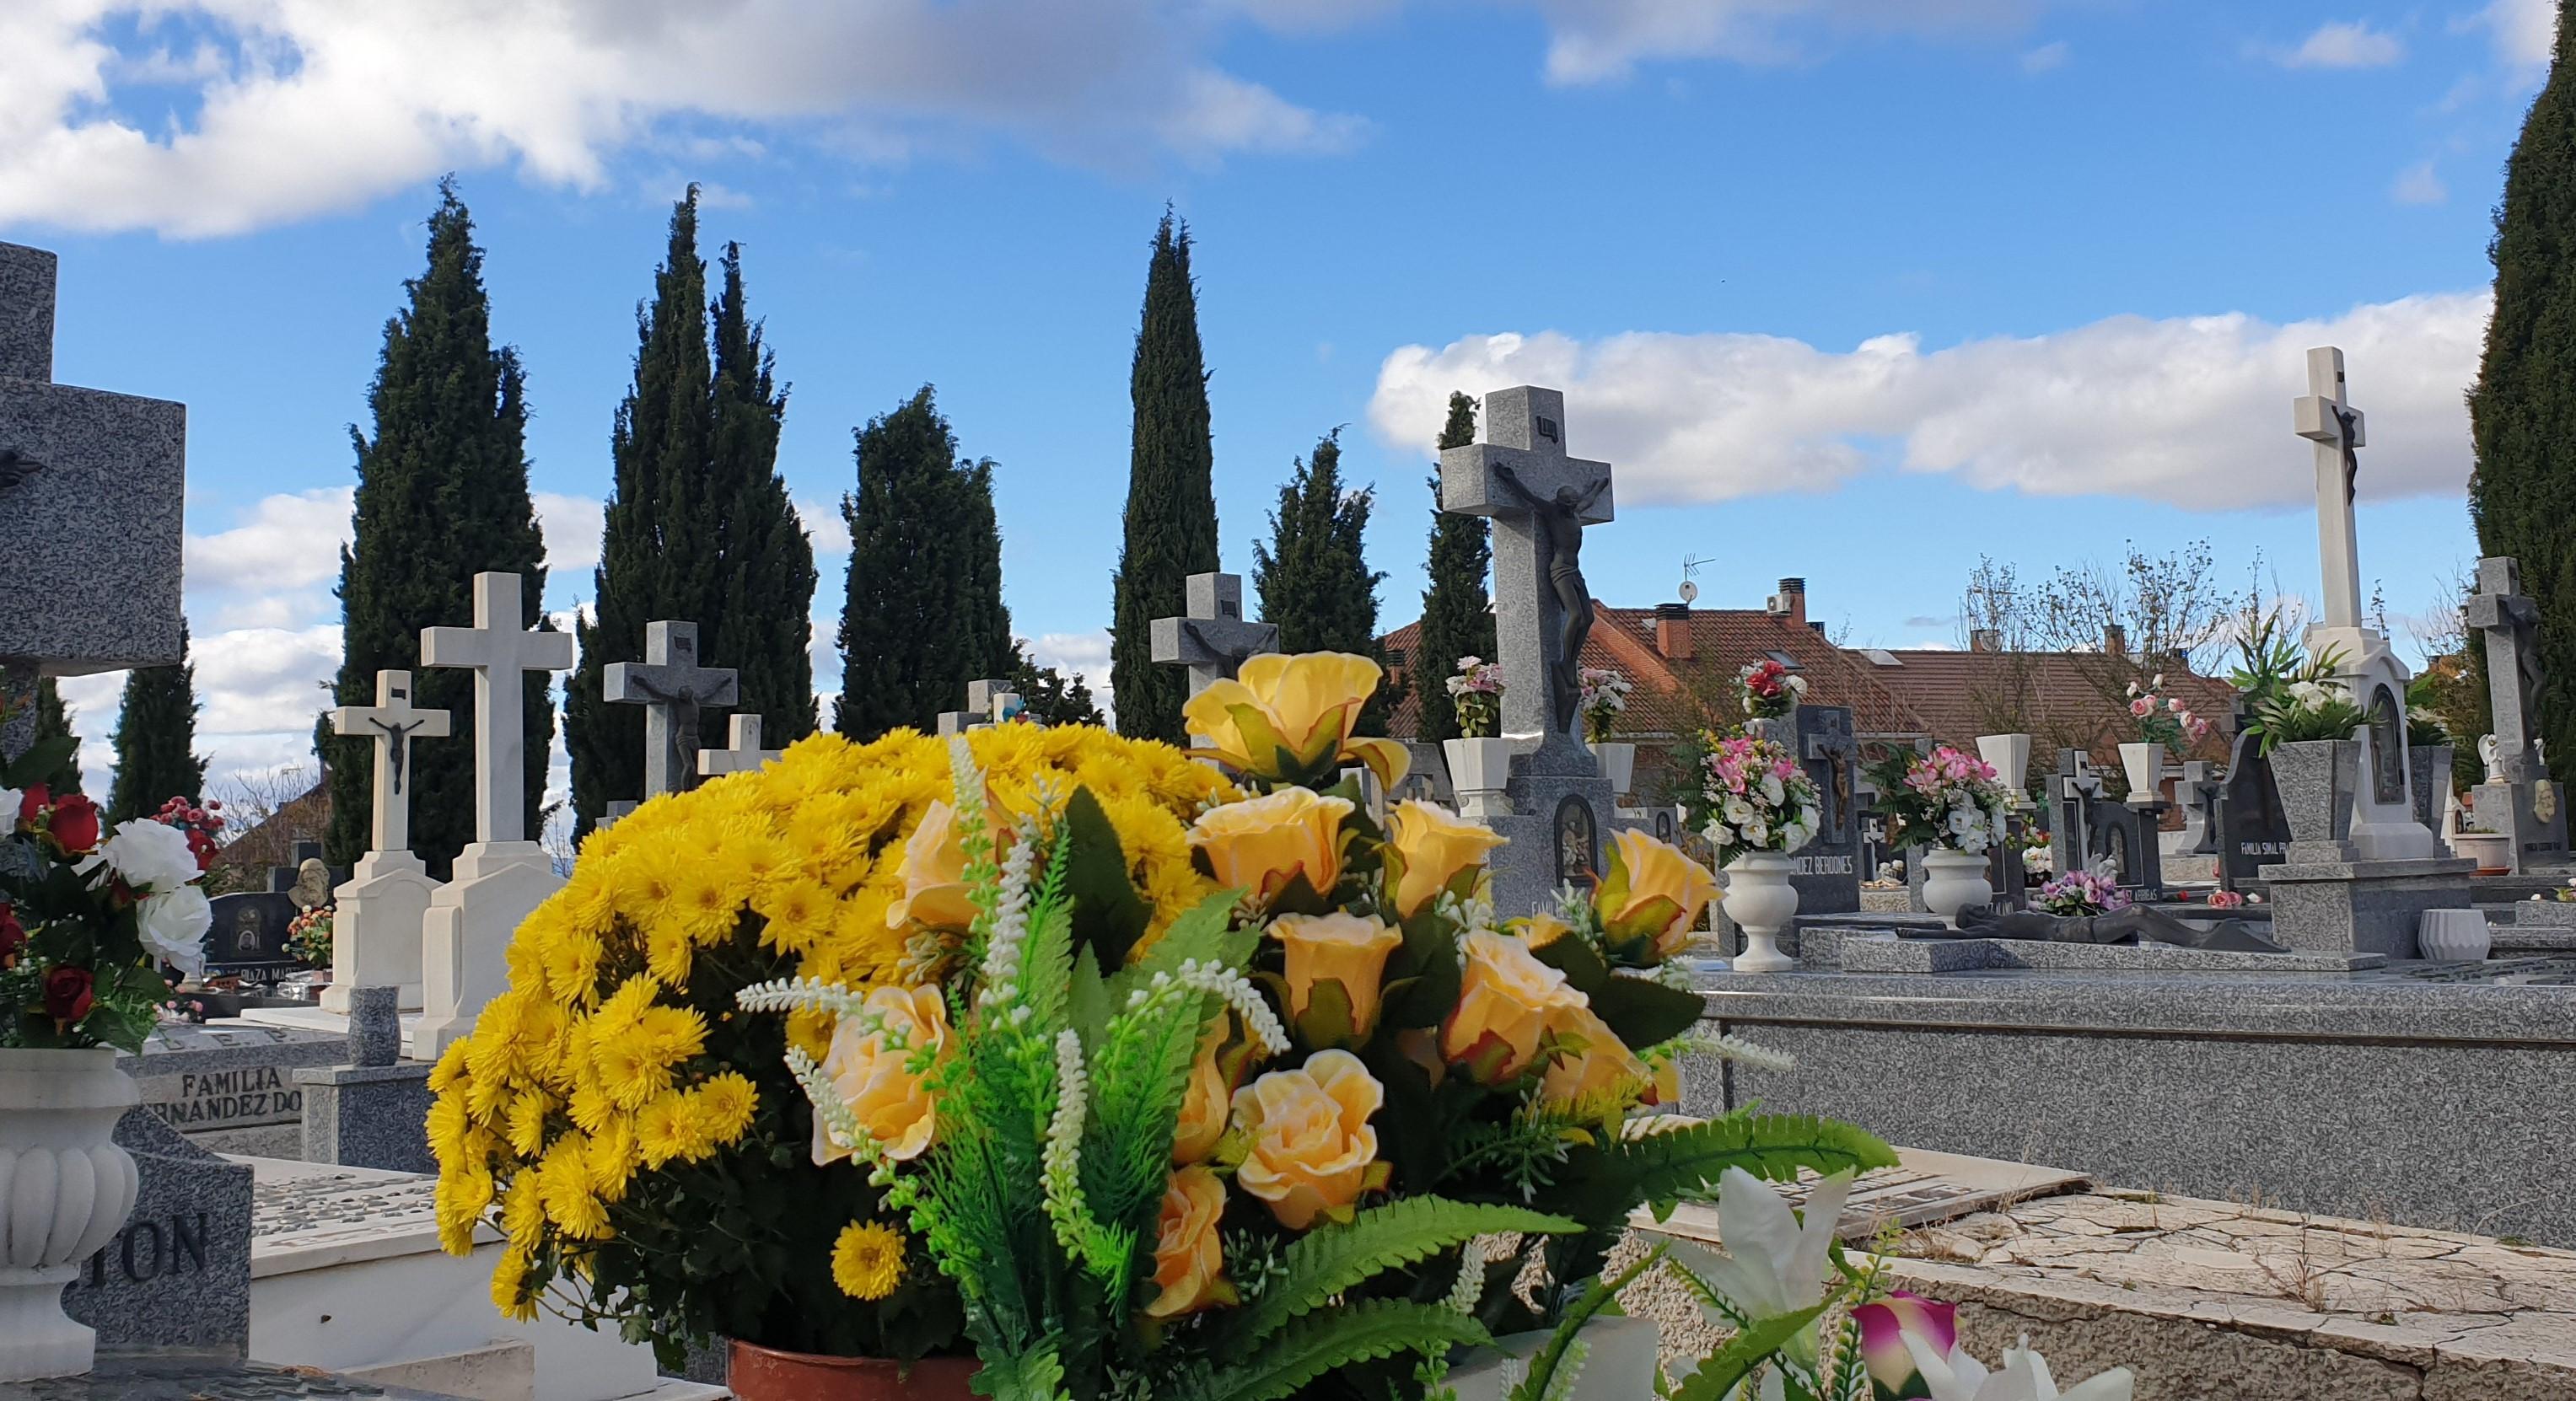 Texto Alternativo: El Ayuntamiento elabora un protocolo de actuación en el cementerio frente al COVID-19 con motivo de la festividad de Todos los Santos